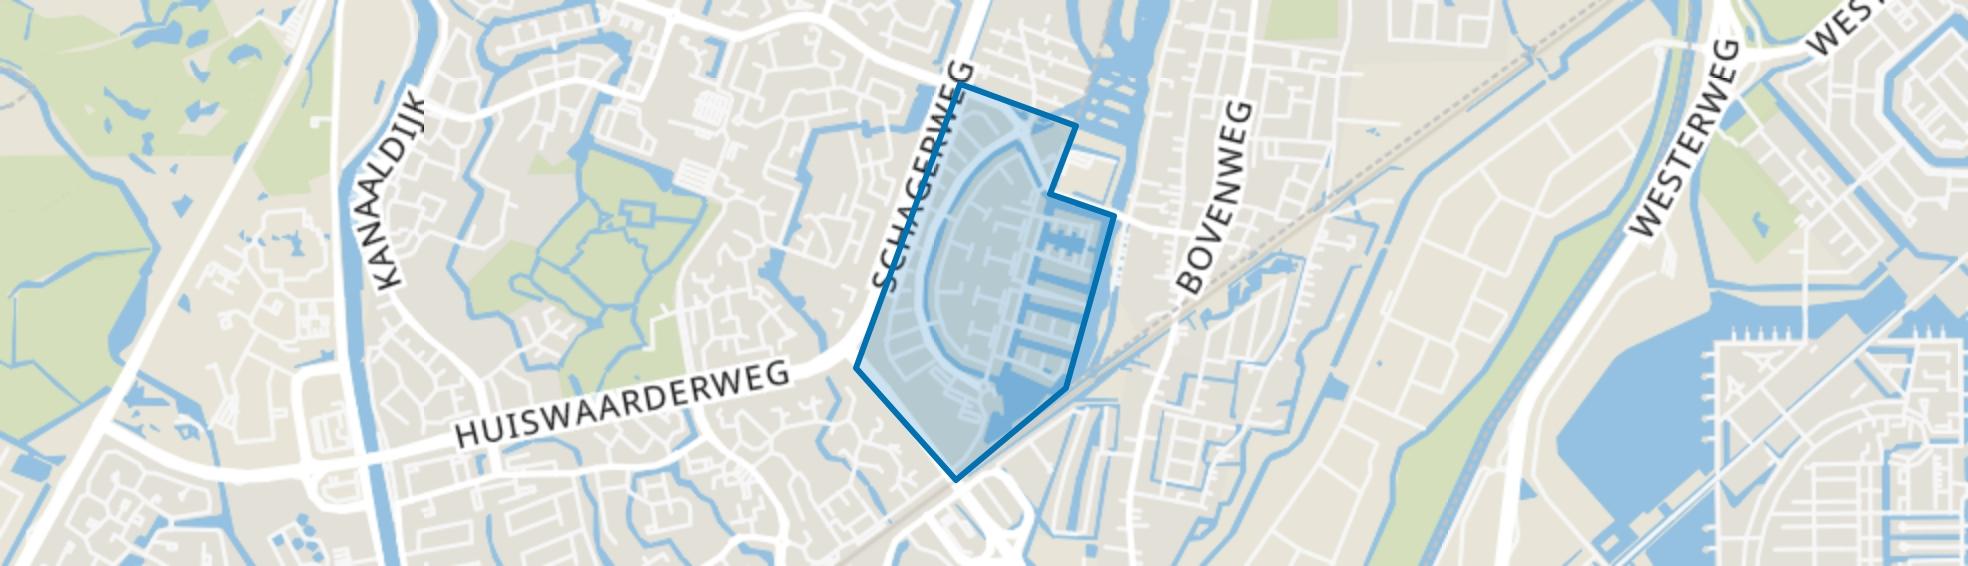 Vroonermeer-Zuid, Alkmaar map